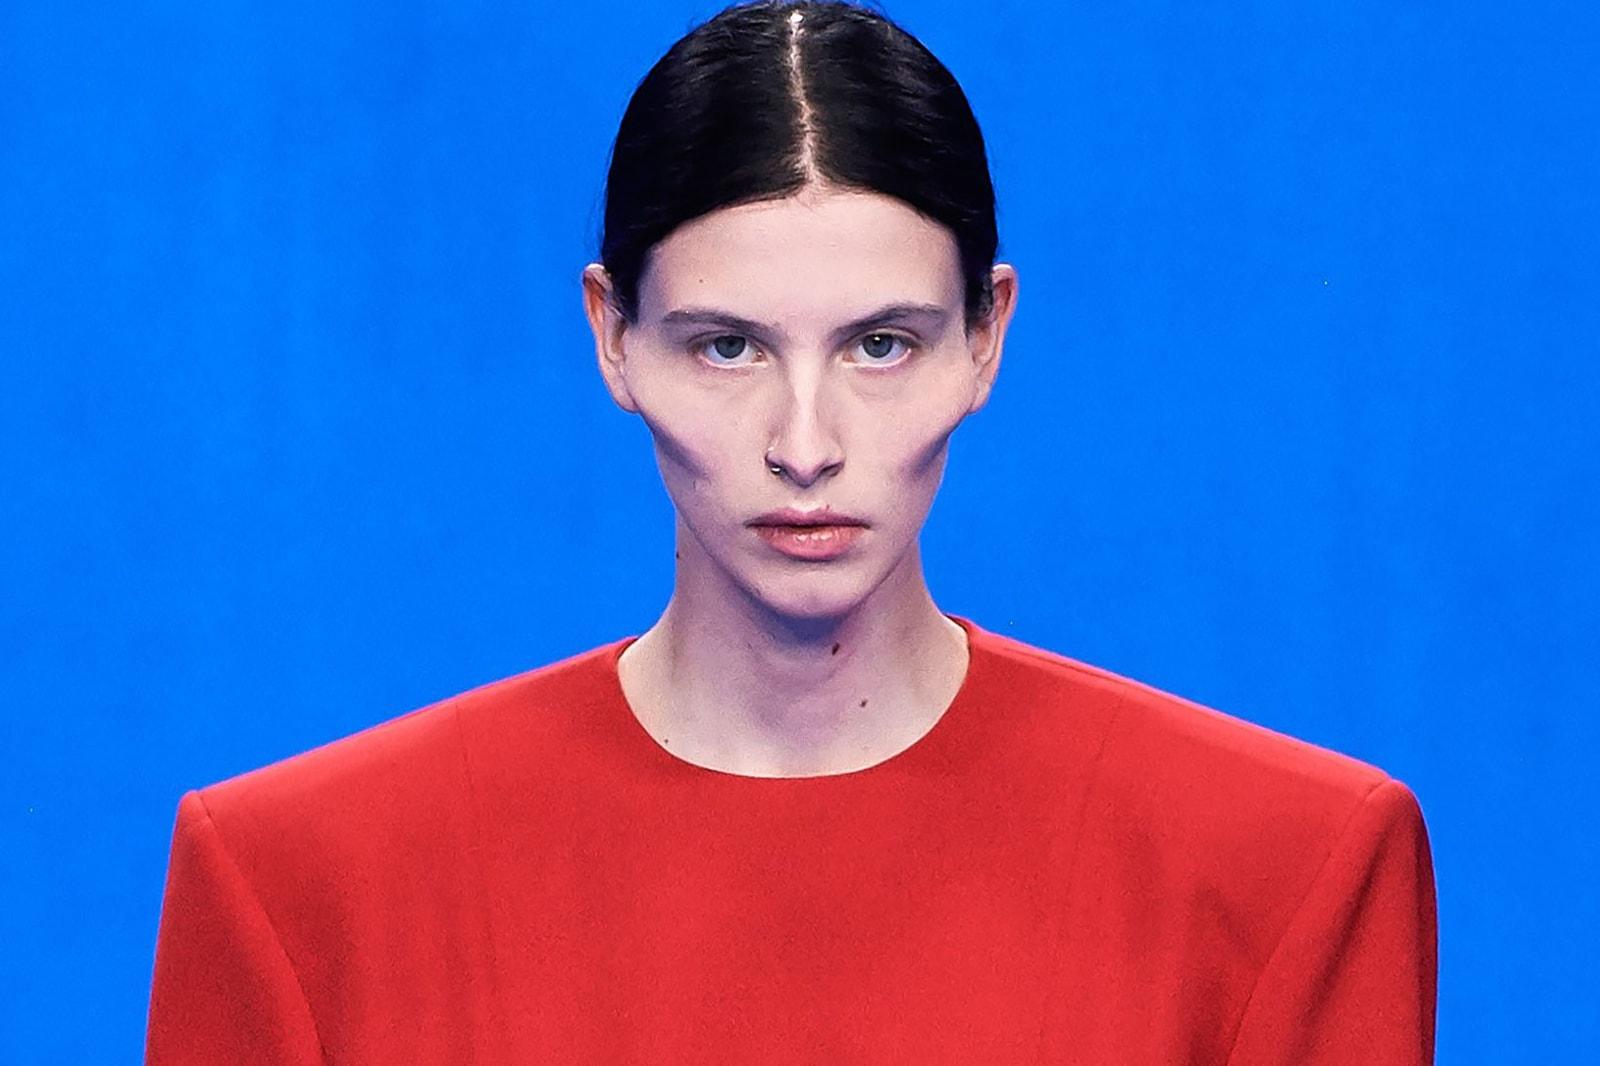 balenciaga spring summer 2020 collection paris fashion week pfw